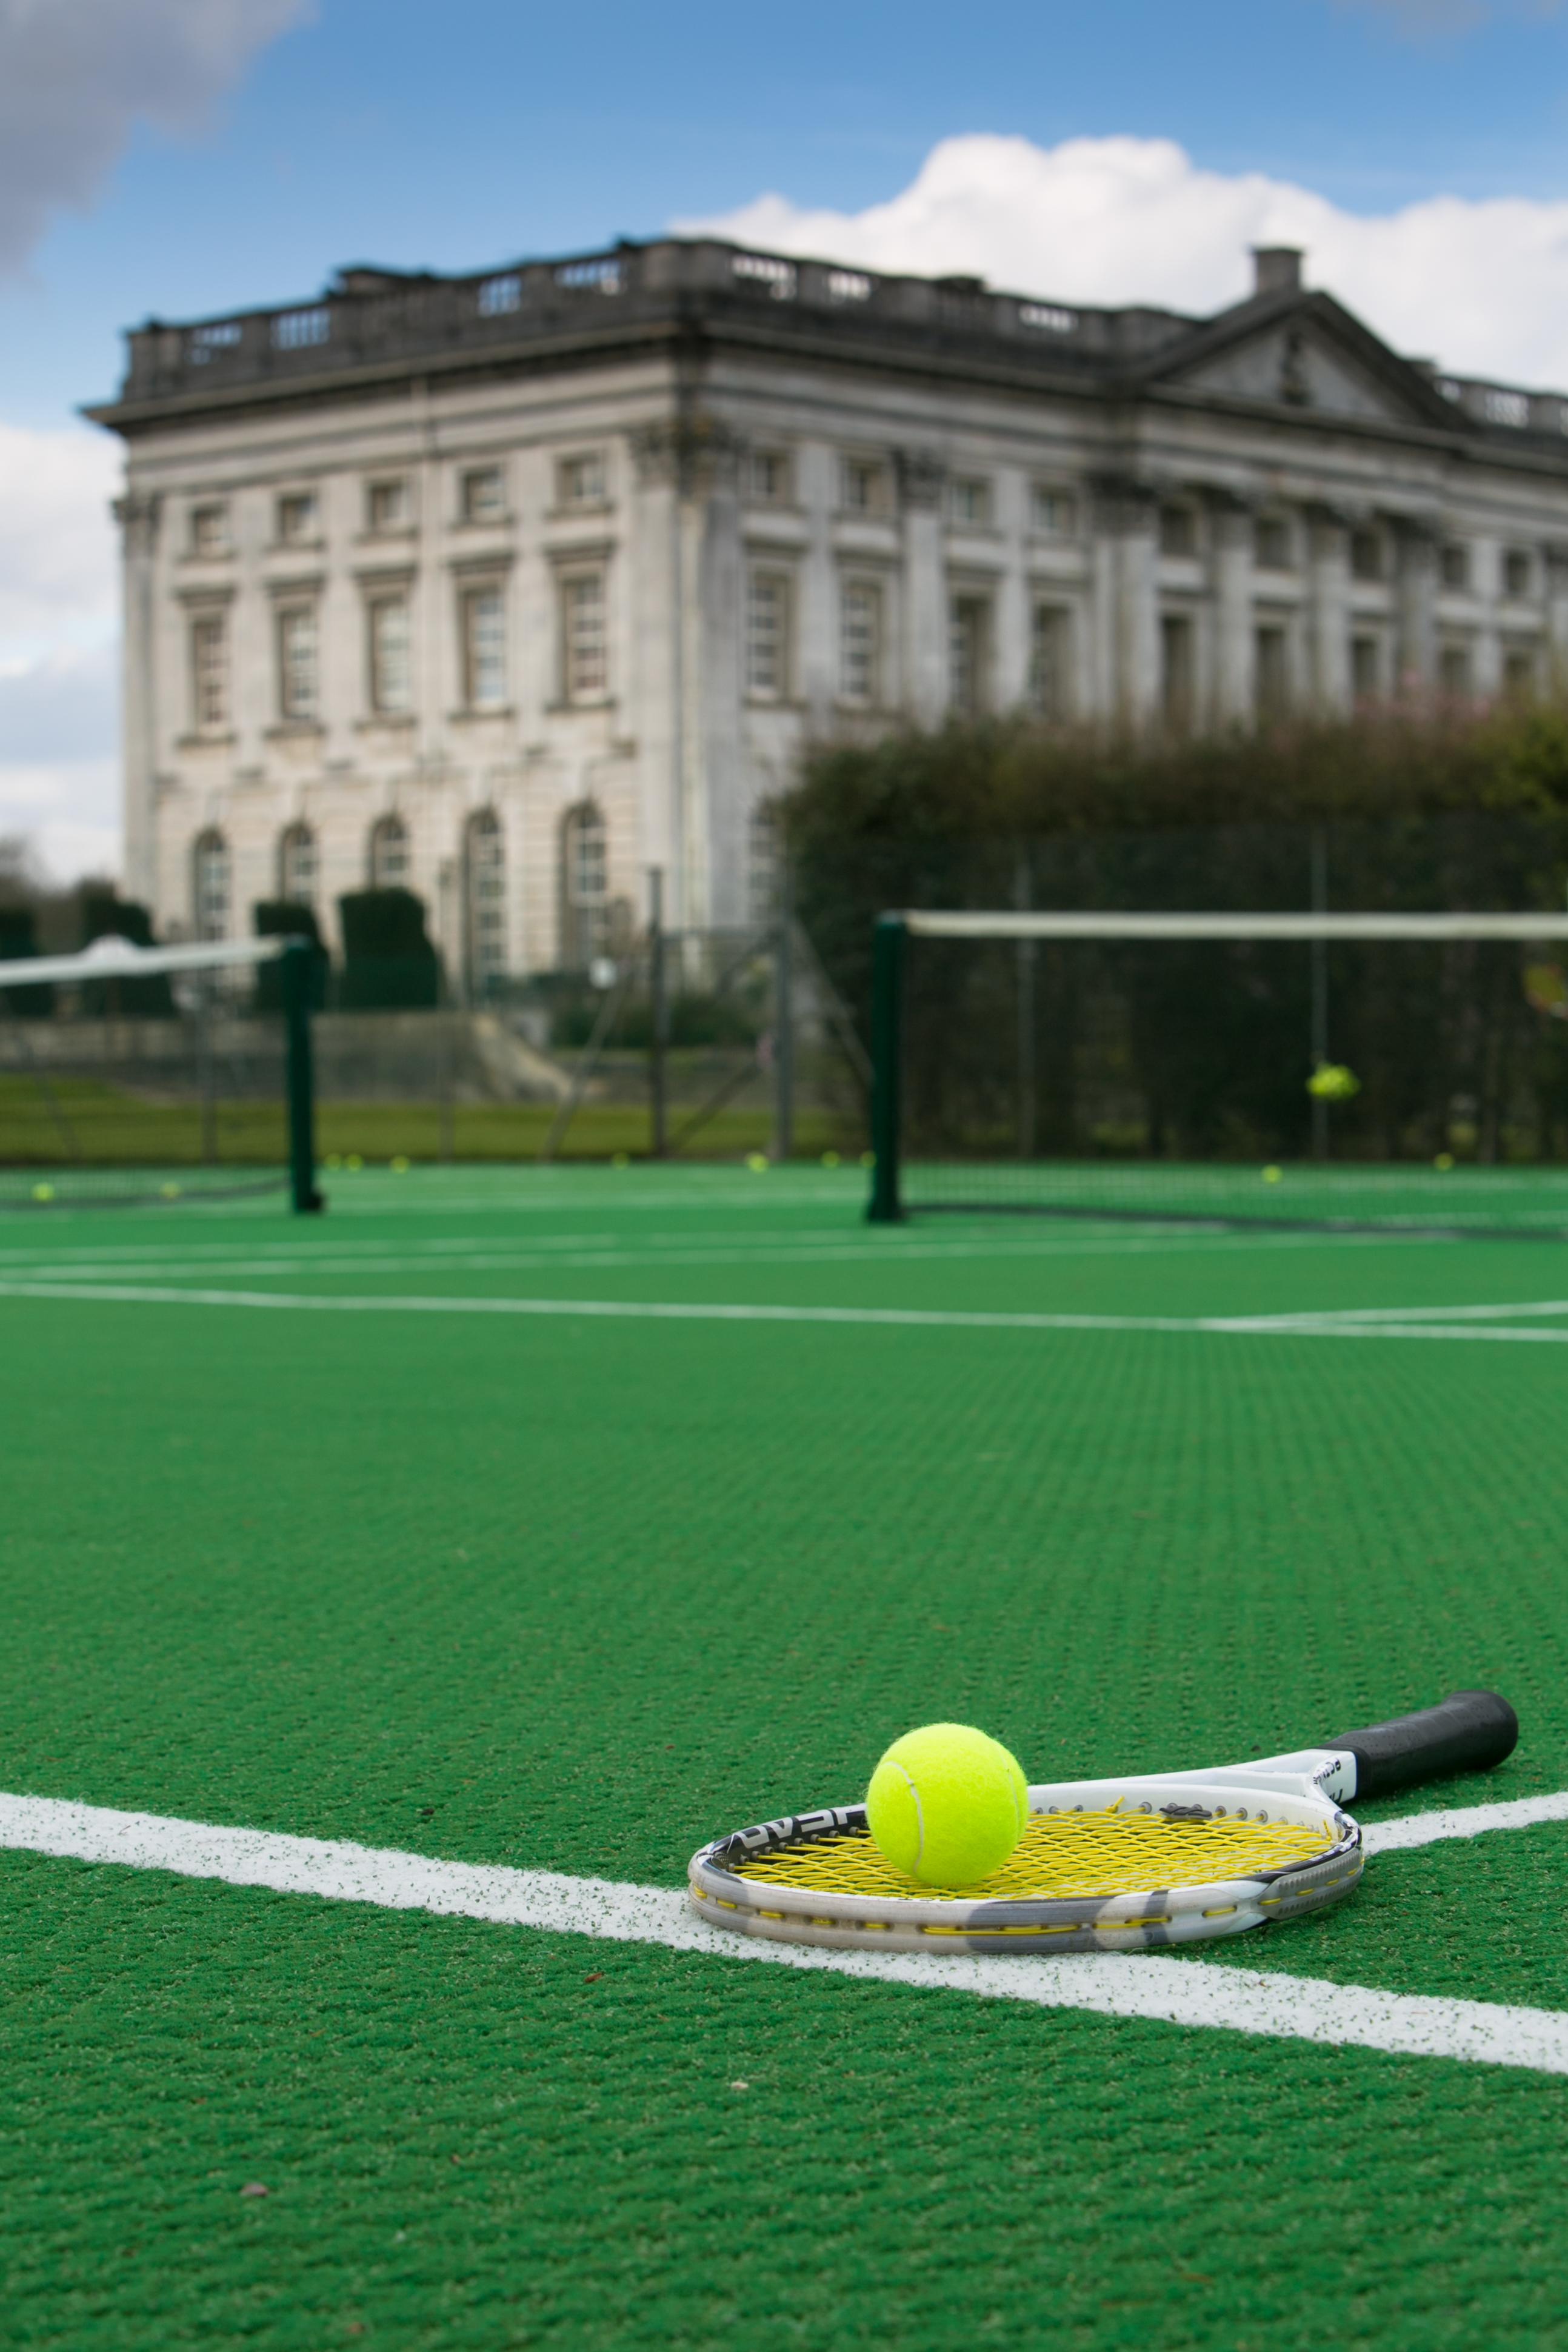 Tennis racket on claytex court